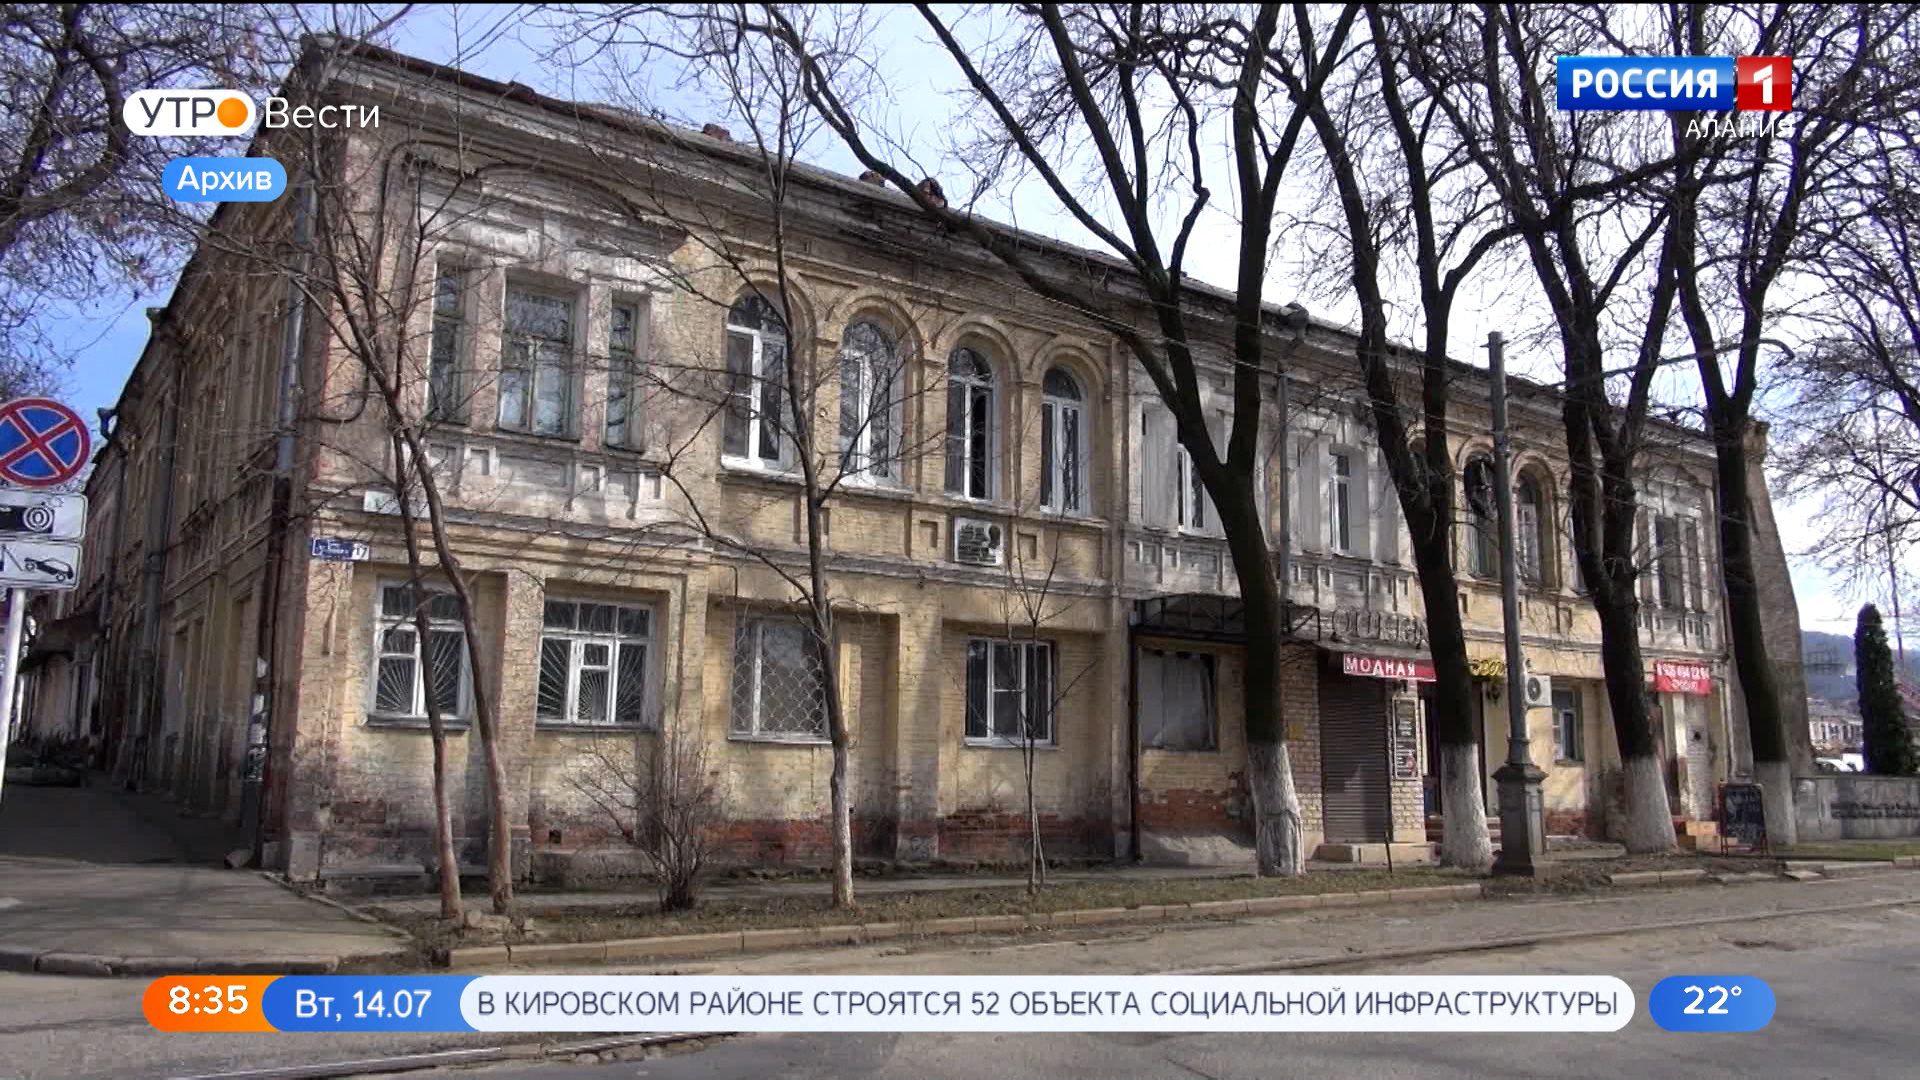 Продолжается сбор средств на создание Дома-музея Евгения Вахтангова во Владикавказе